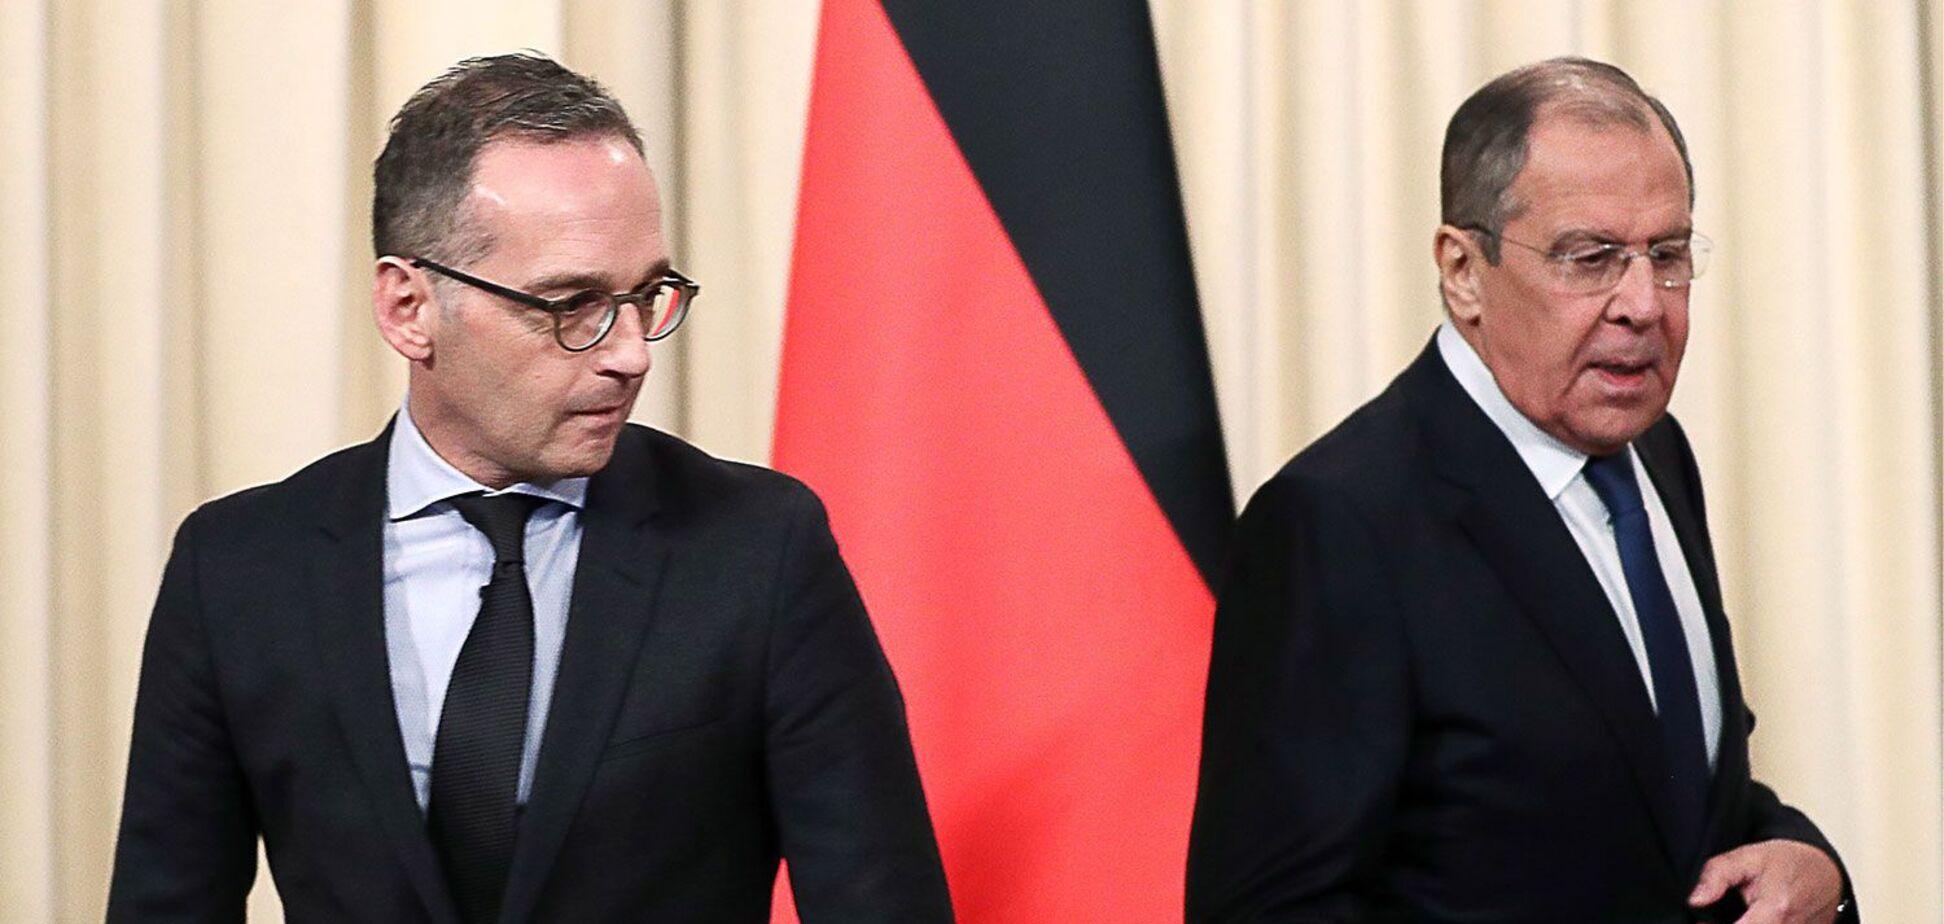 Маас – об отказе Германии дать оружие Украине: если бы я сказал об этом Лаврову, разговор был бы коротким